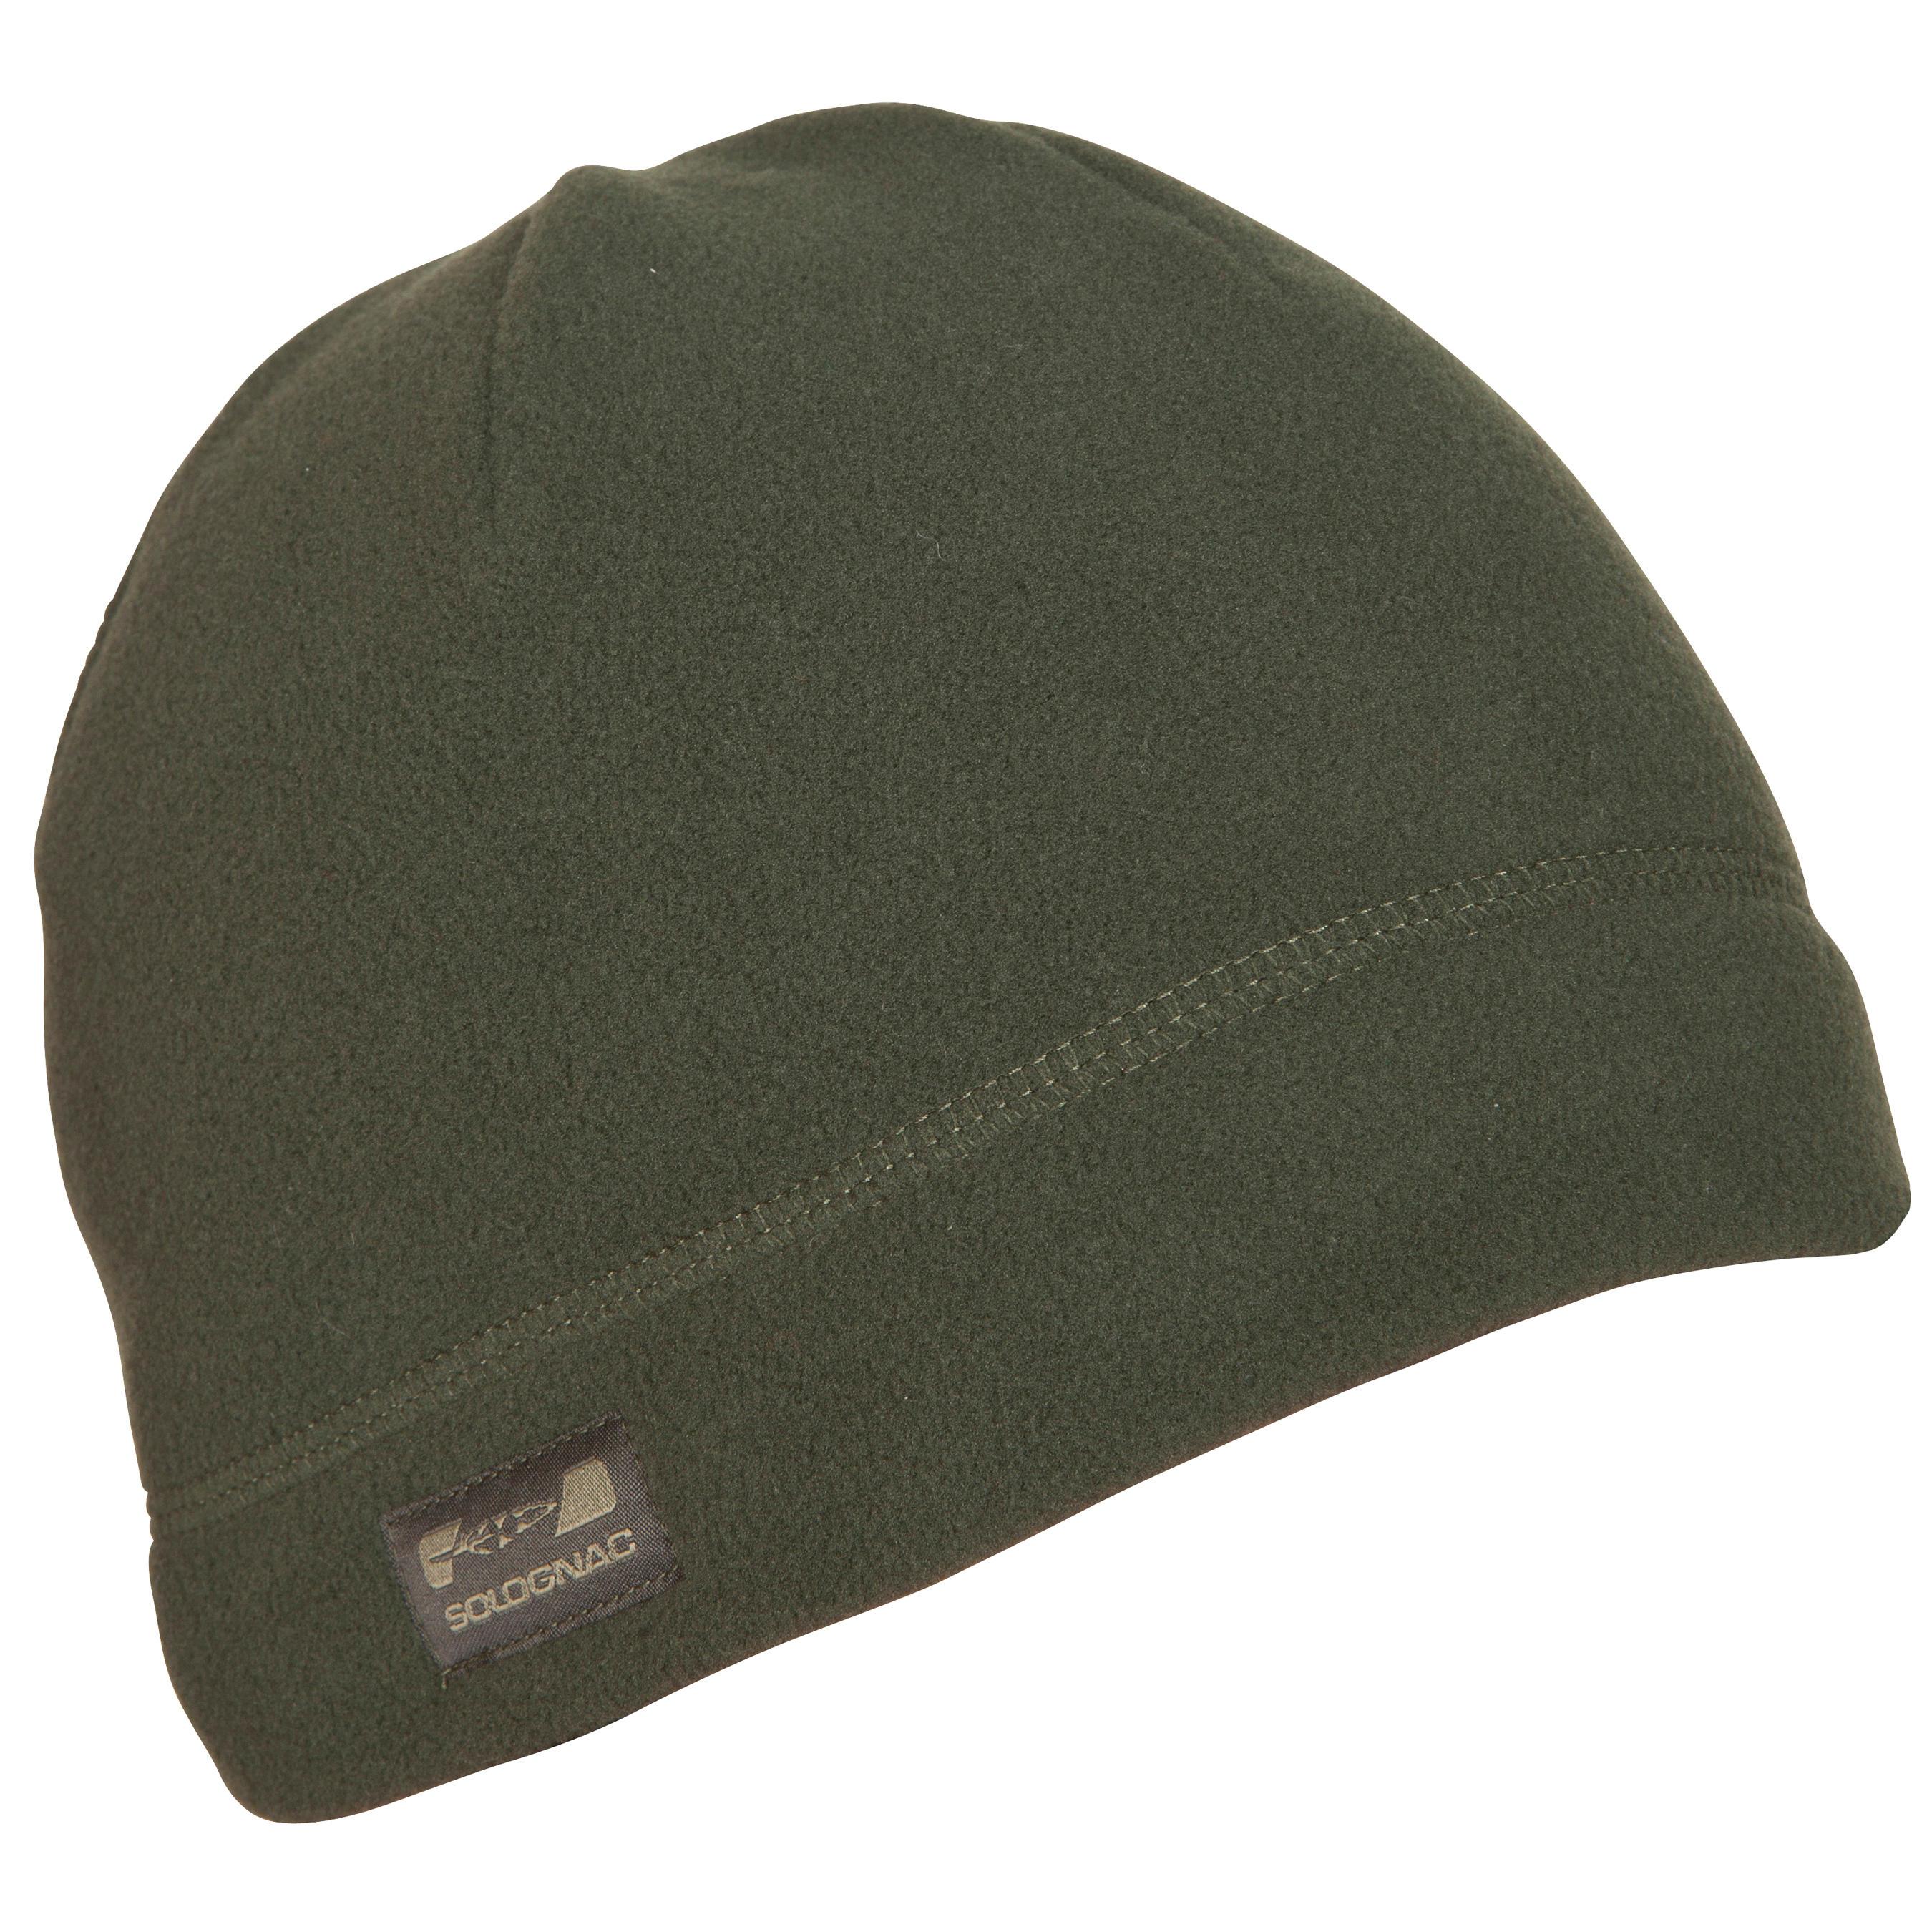 300 Warm Fleece Hunting Hat